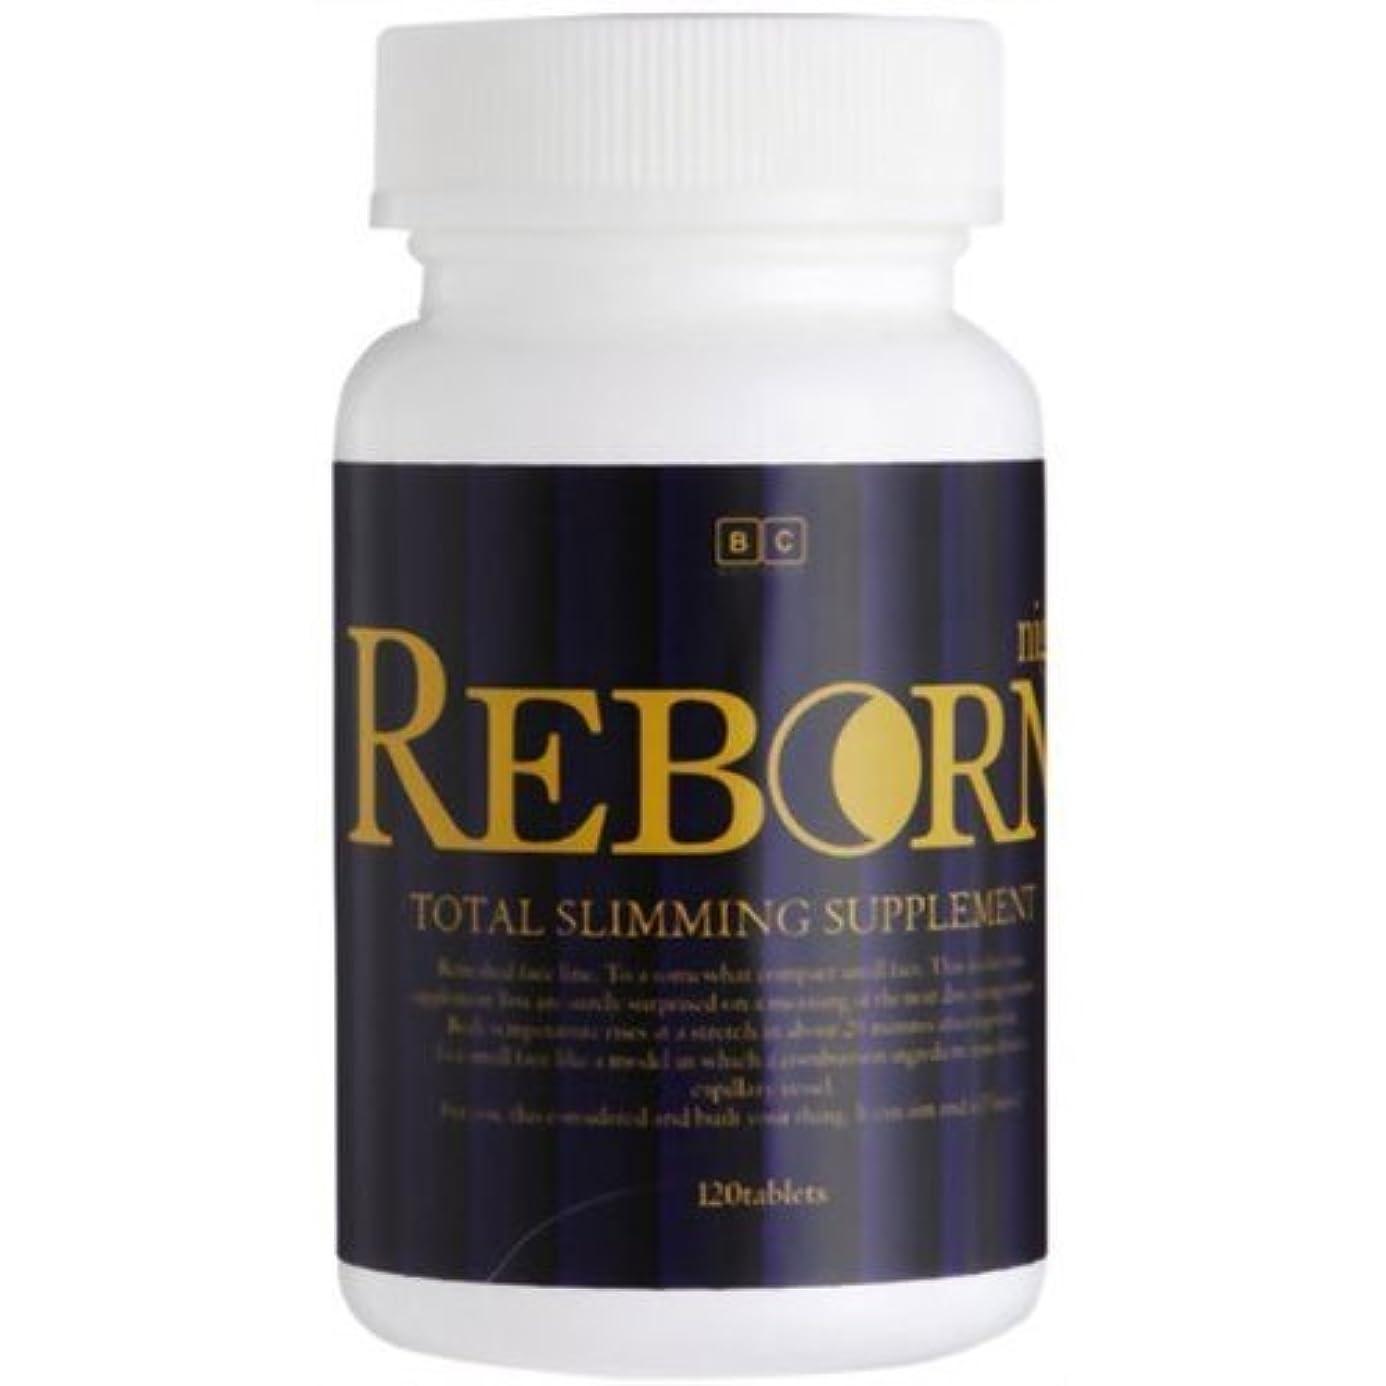 脳尋ねるソースお得な5個セット7日間飲んで寝るだけで night REBORN ナイトリボーン 120粒 5か月分